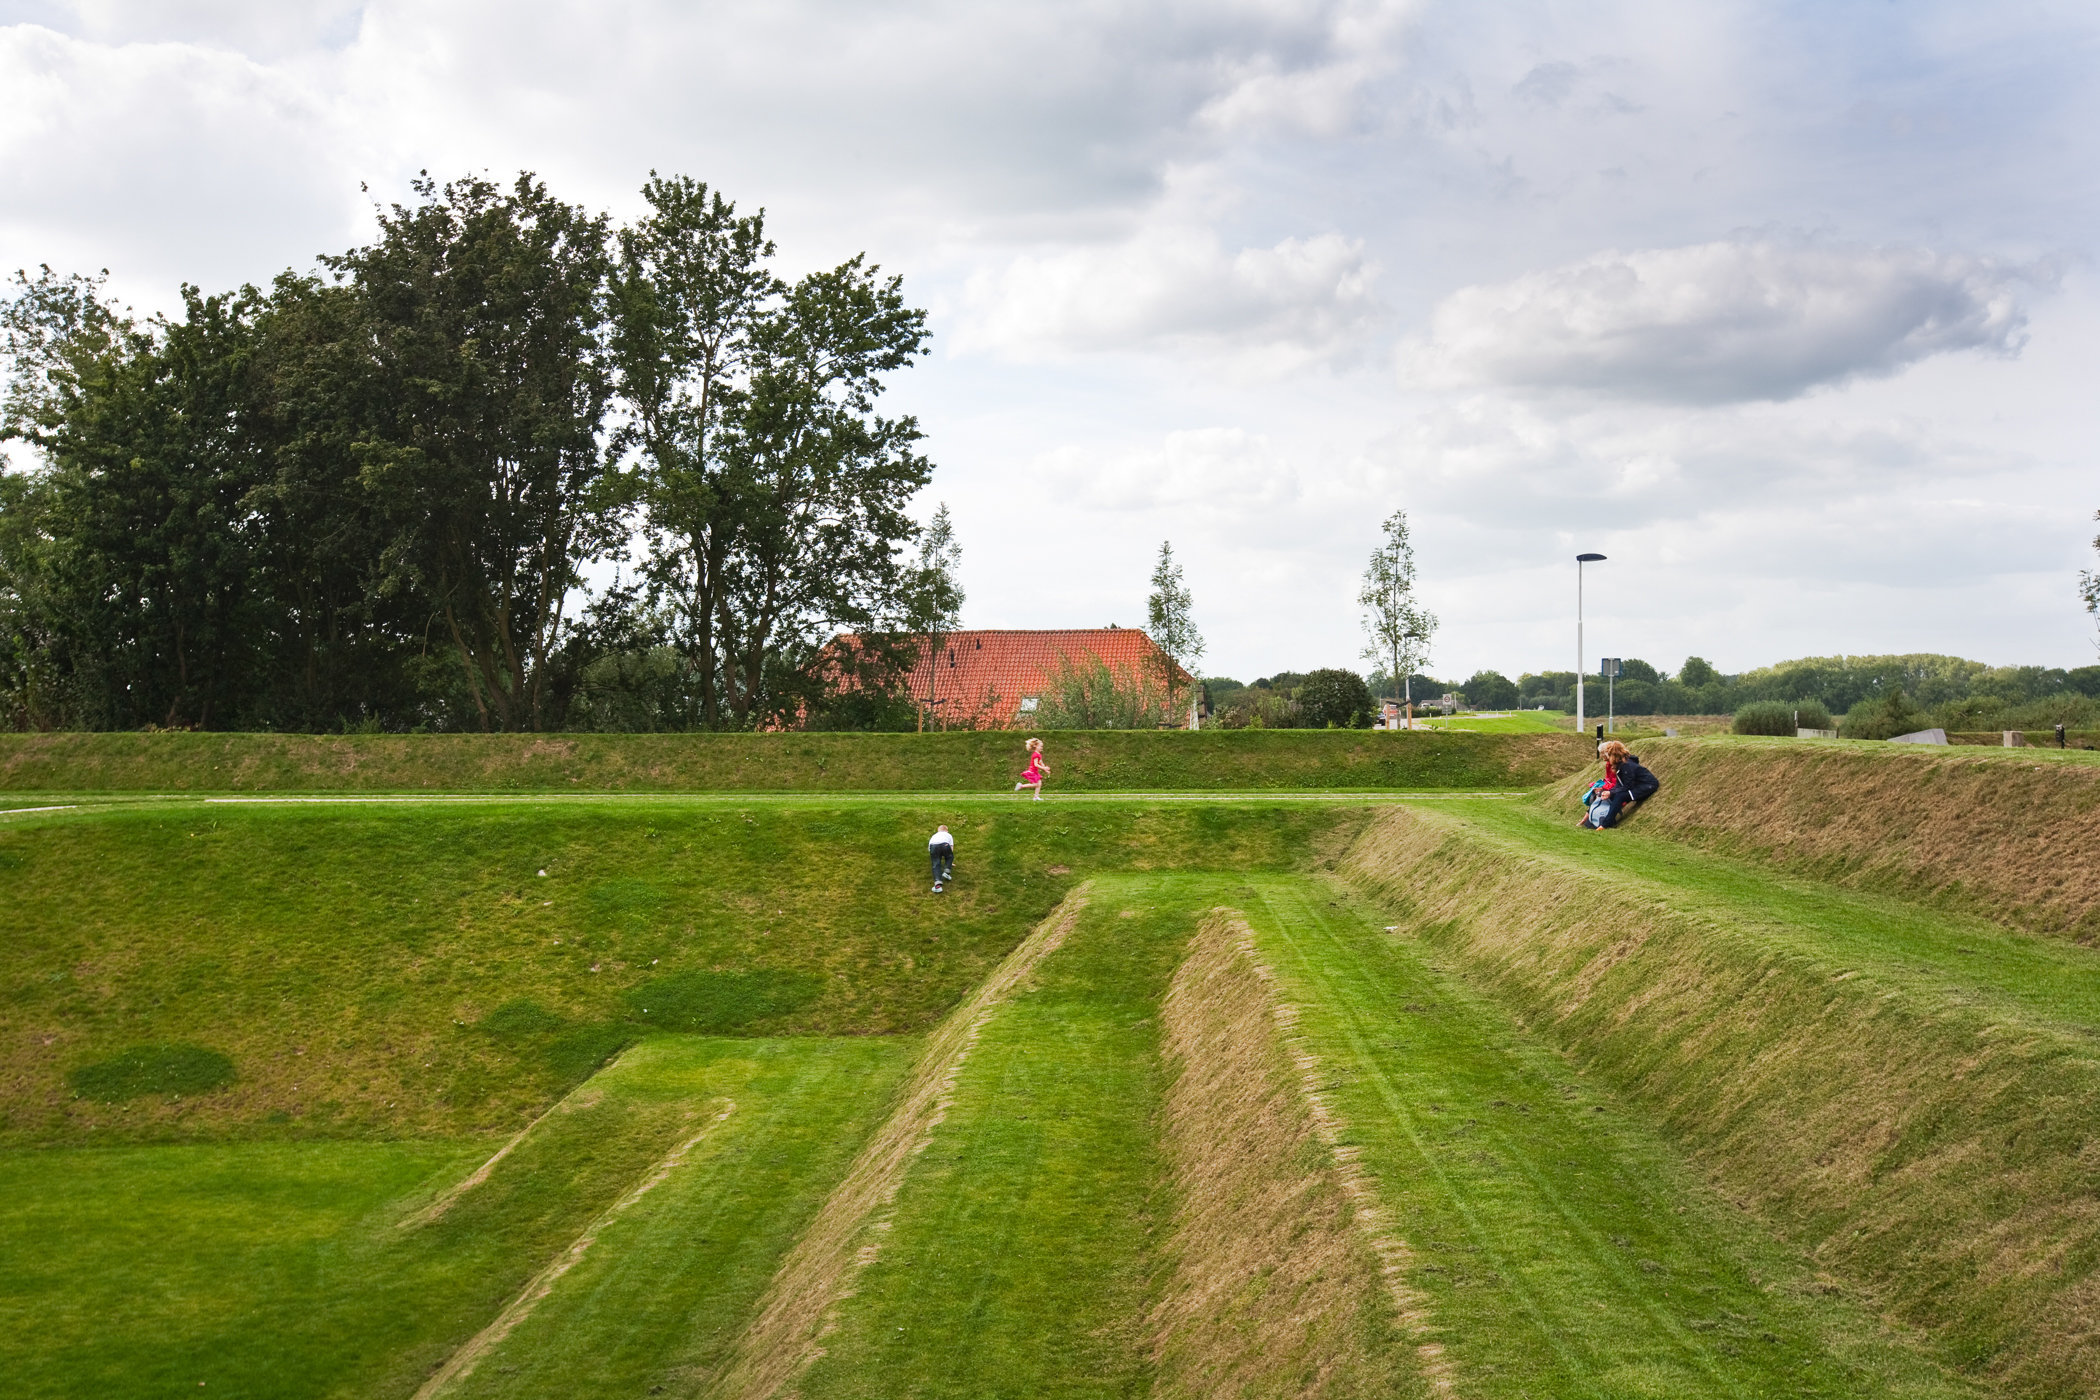 Nieuwe Hollandse Waterlinie, Fort Werk aan 't Spoel, Culemborg, The Netherlands